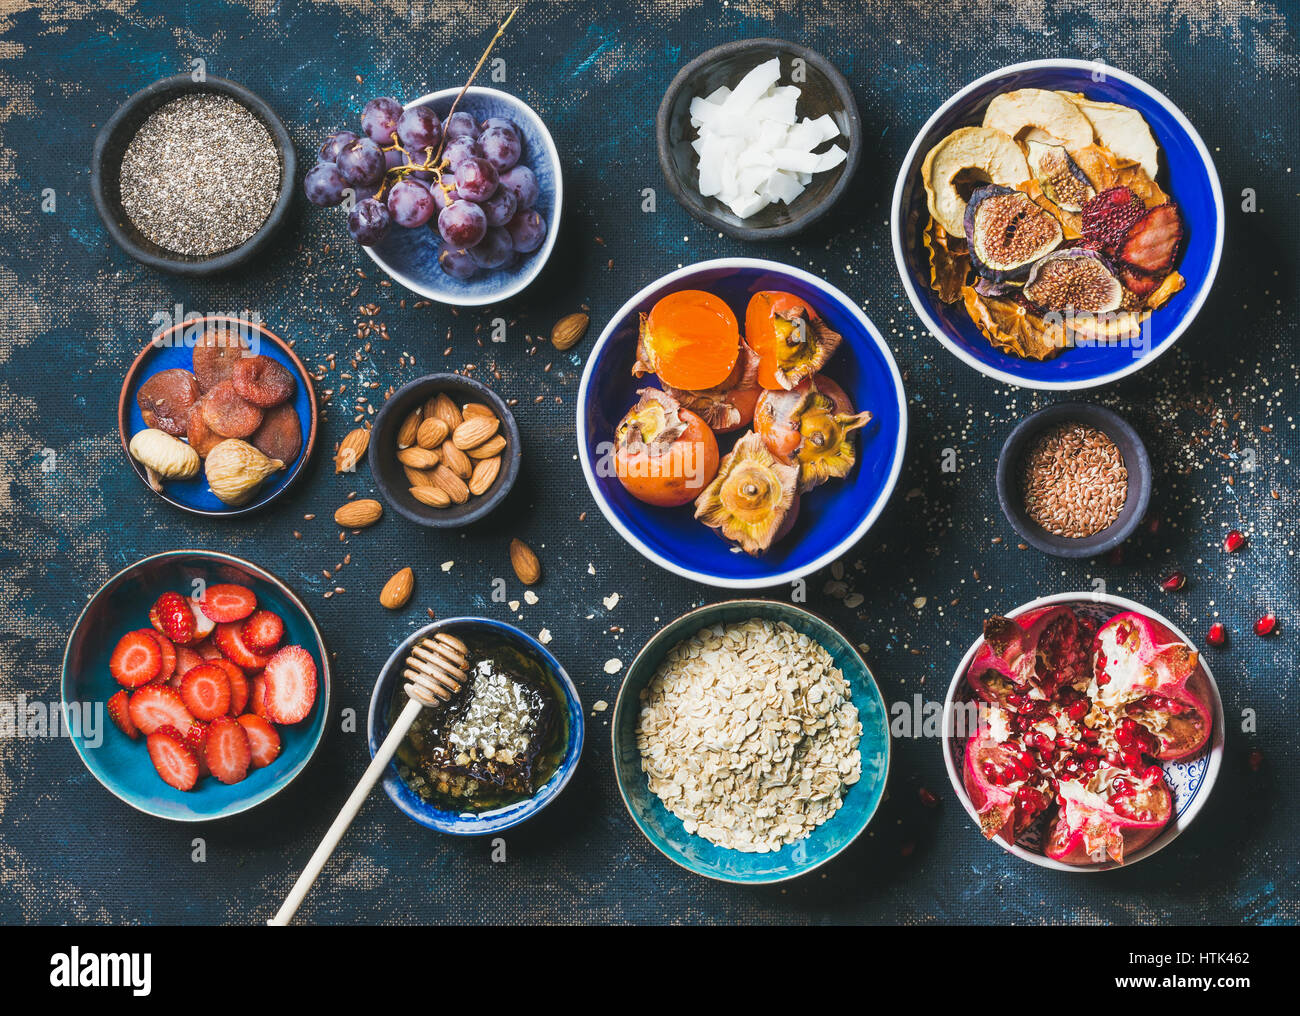 Fruits frais et secs, graines de chia, gruau, noix, miel Photo Stock